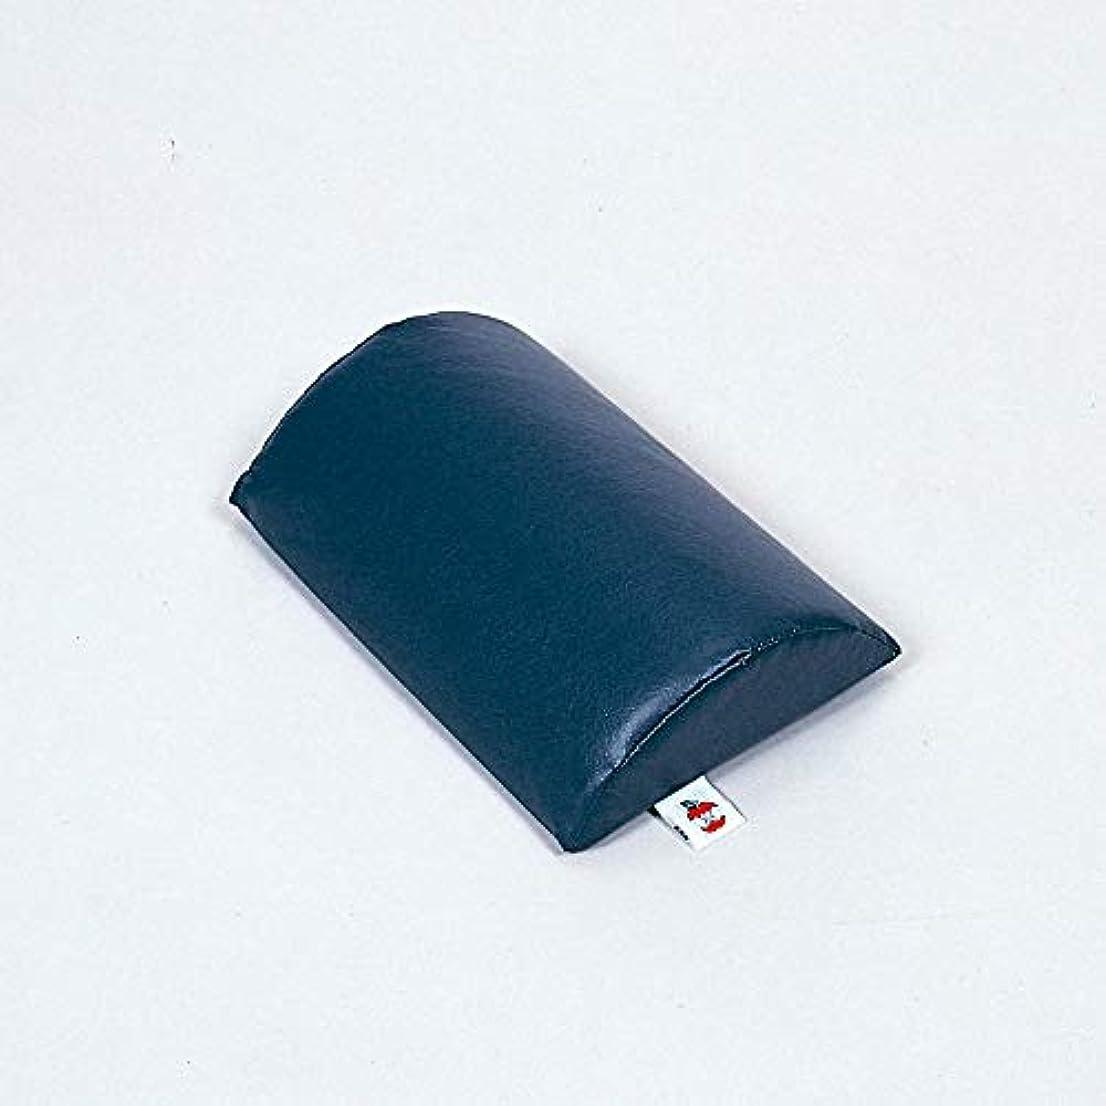 絶滅させる入るパンサーCORE PRODUCT(コアプロダクツ) ミニピロー 枕として 手足の固定用 クッション